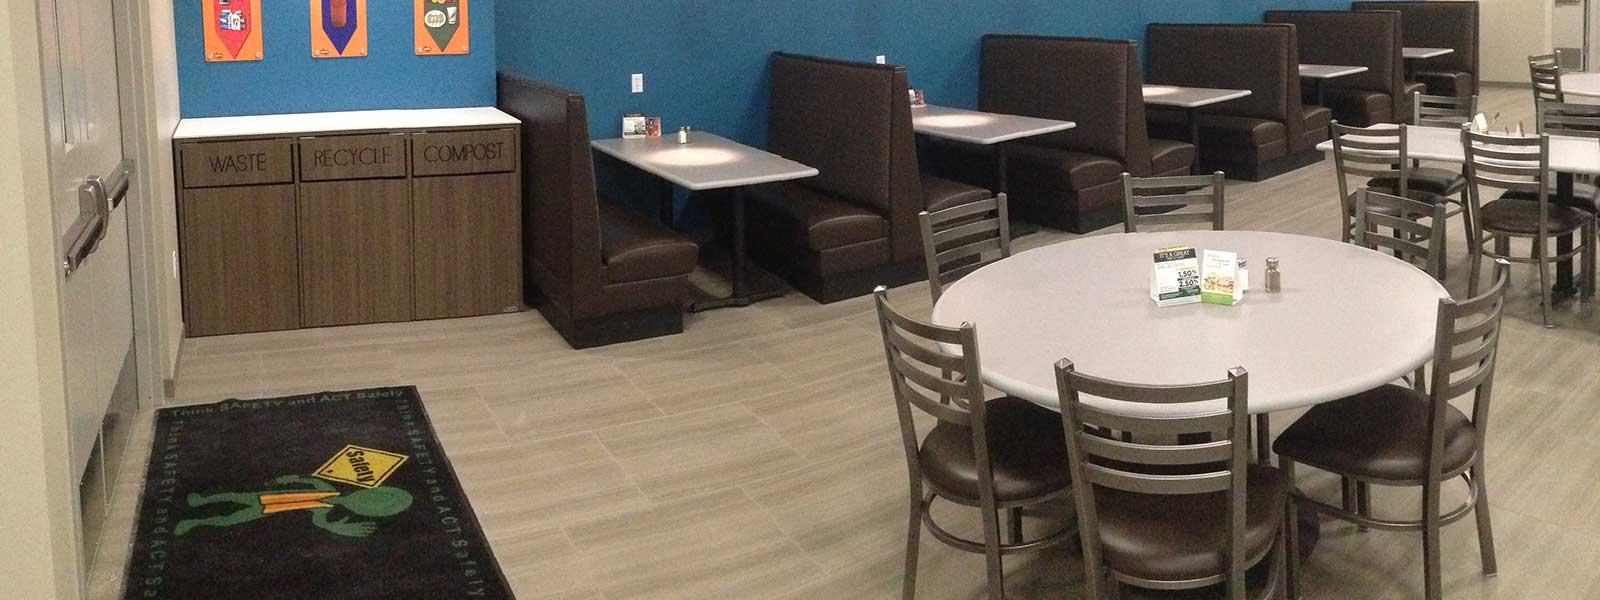 Restaurant Furniture, Commercial Bar Furniture